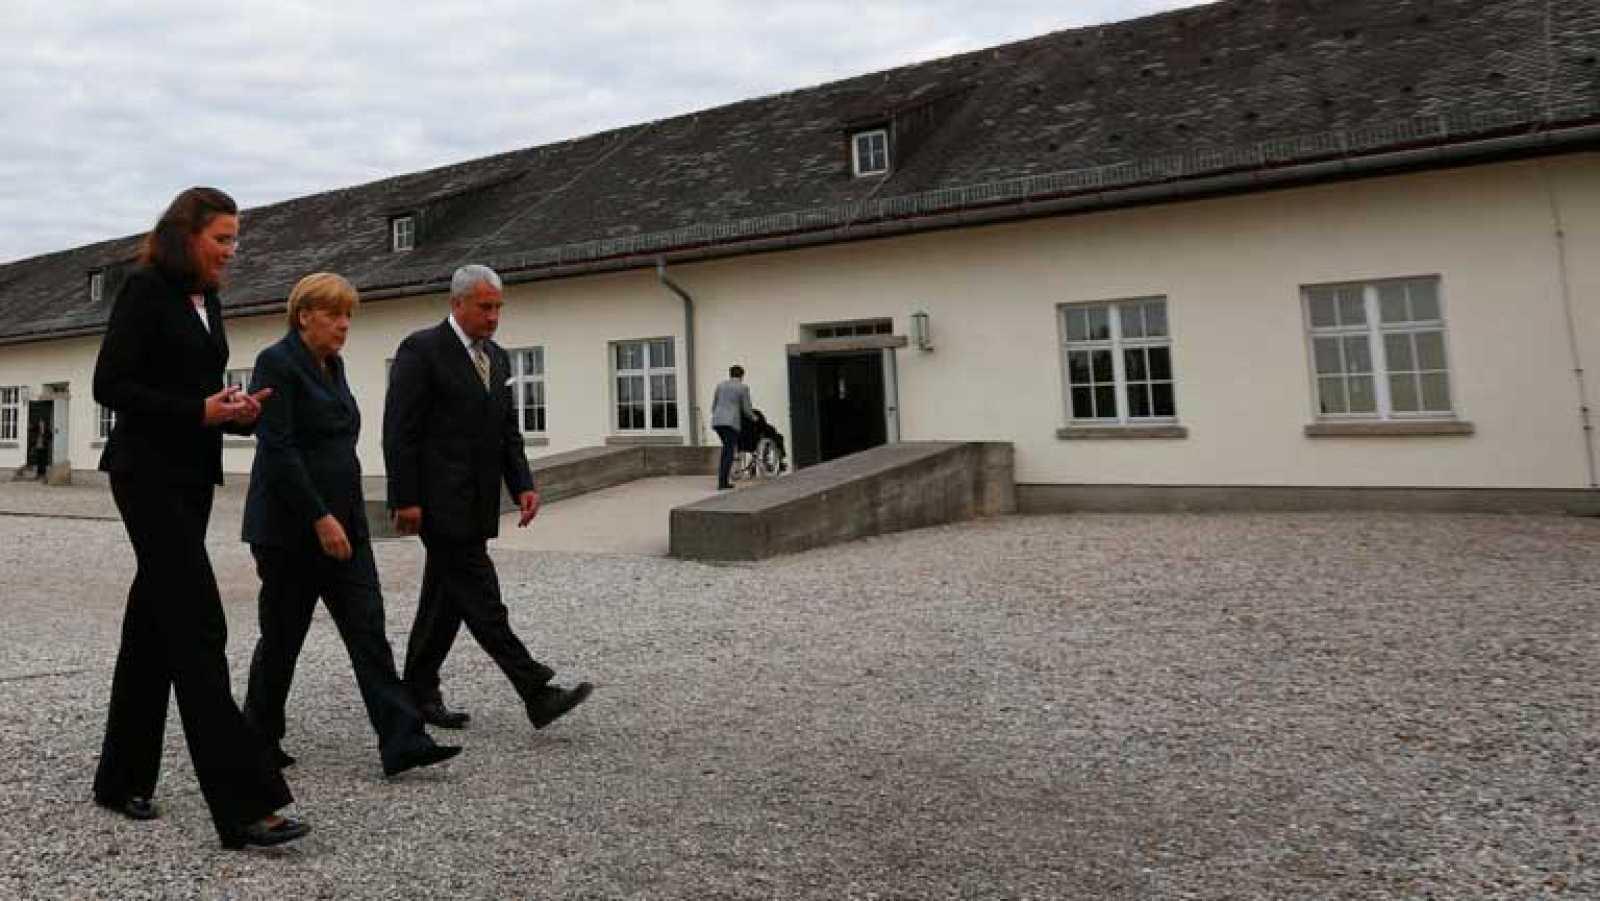 Polémica en Alemania por la visita de Angela Merkel al campo de concentración de Dachau